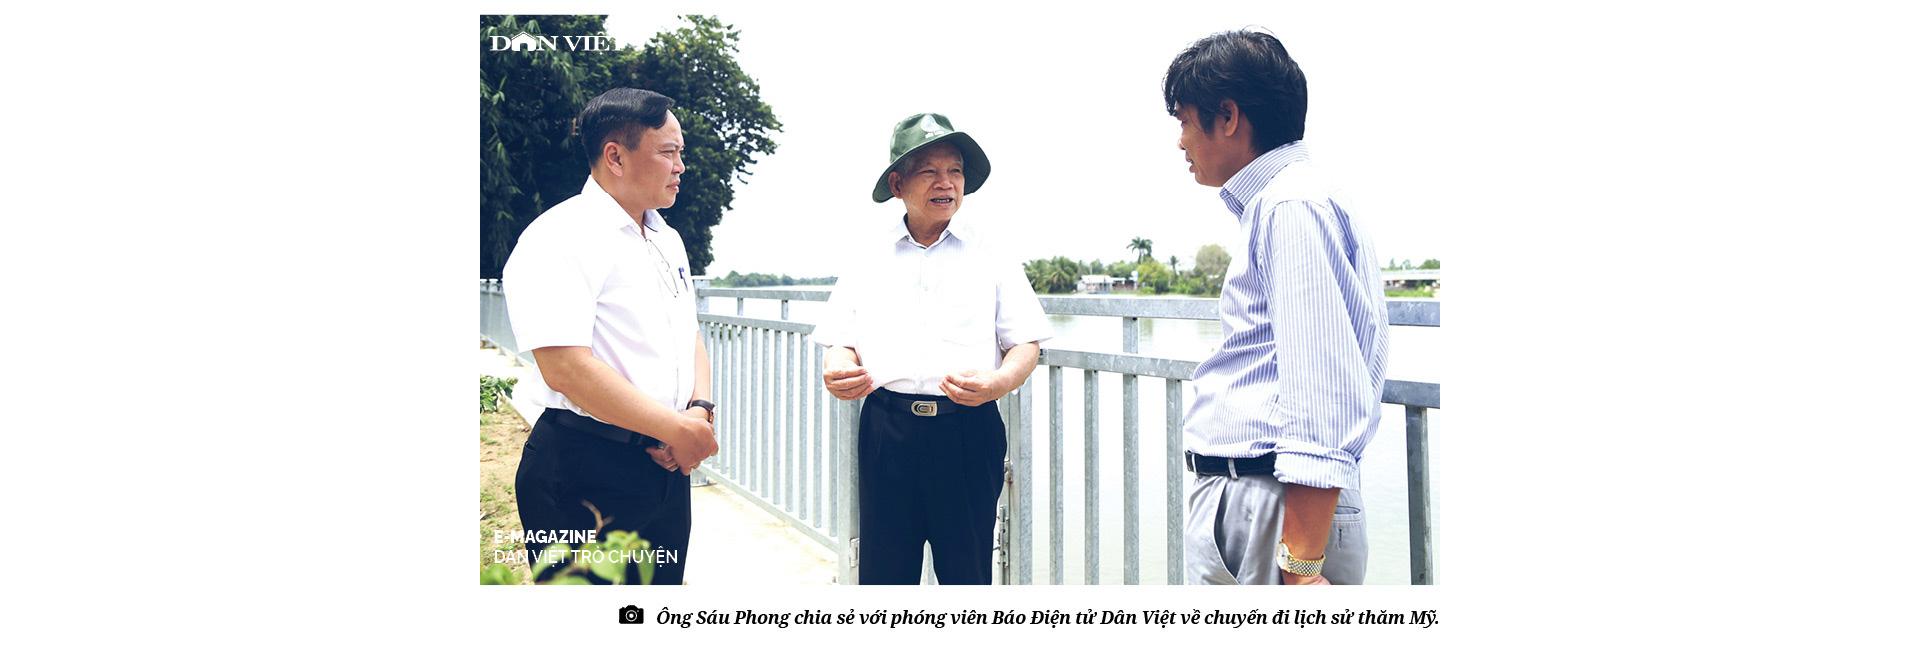 """Nguyên Chủ tịch Nước Nguyễn Minh Triết: """"Con người không phải sinh ra để mãi hận thù..."""" - Ảnh 2."""